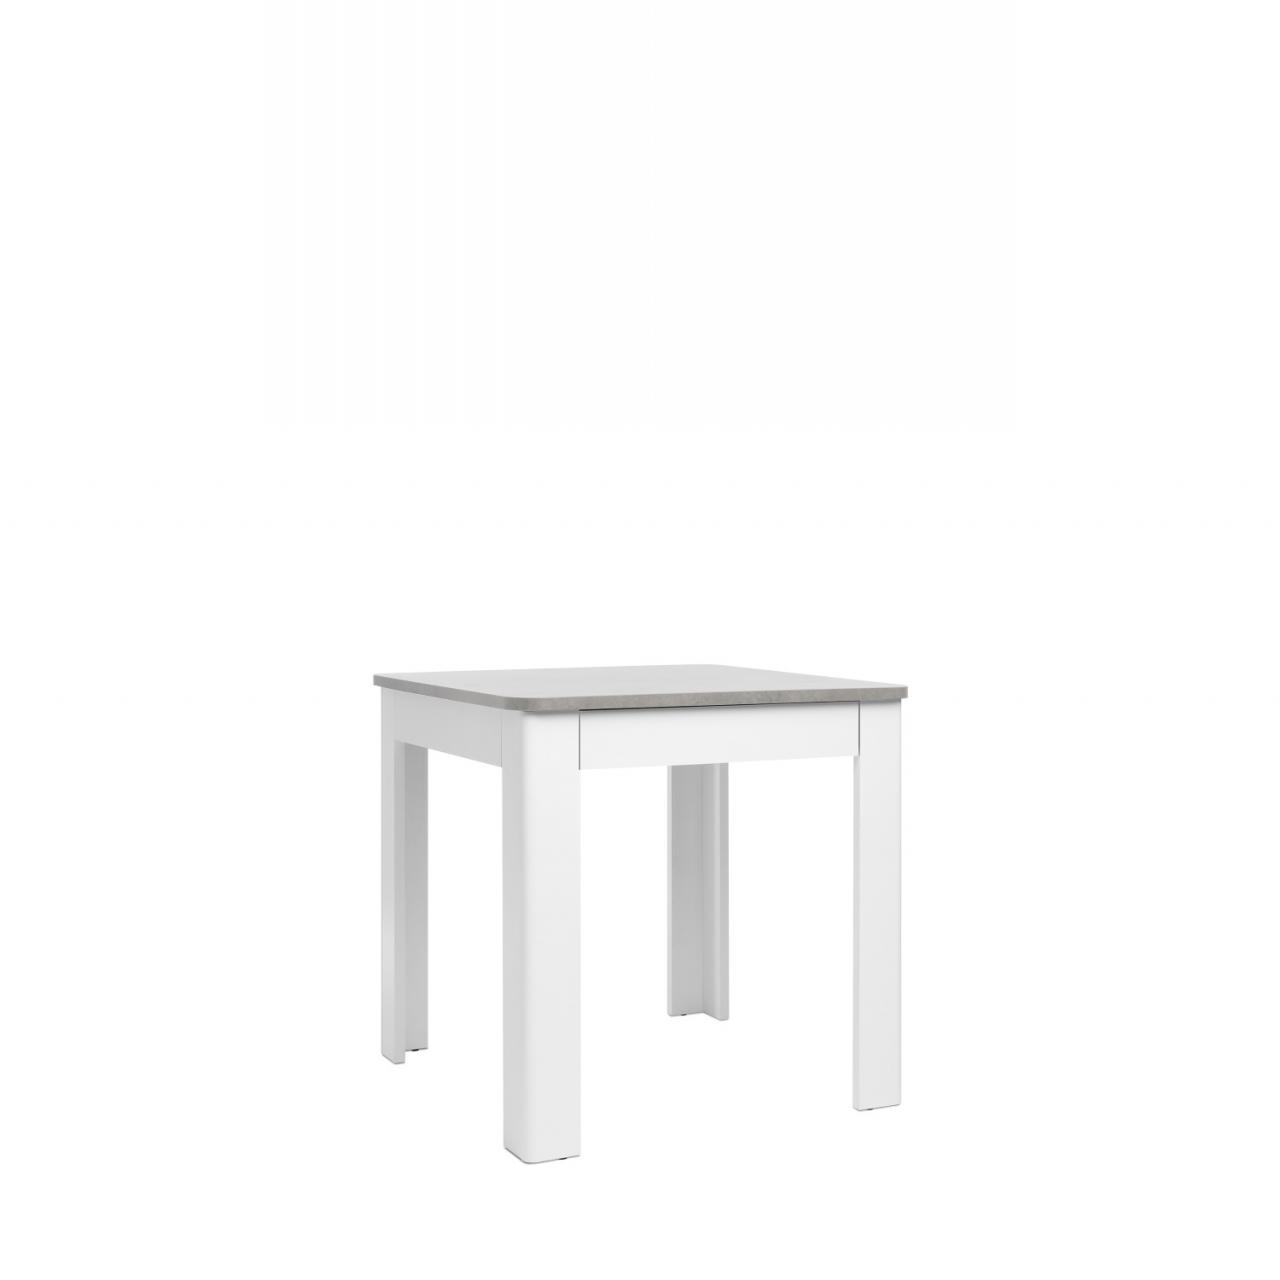 esstisch oslo beton weiss 80x80 cm 1 schubkasten m bel j hnichen center gmbh. Black Bedroom Furniture Sets. Home Design Ideas